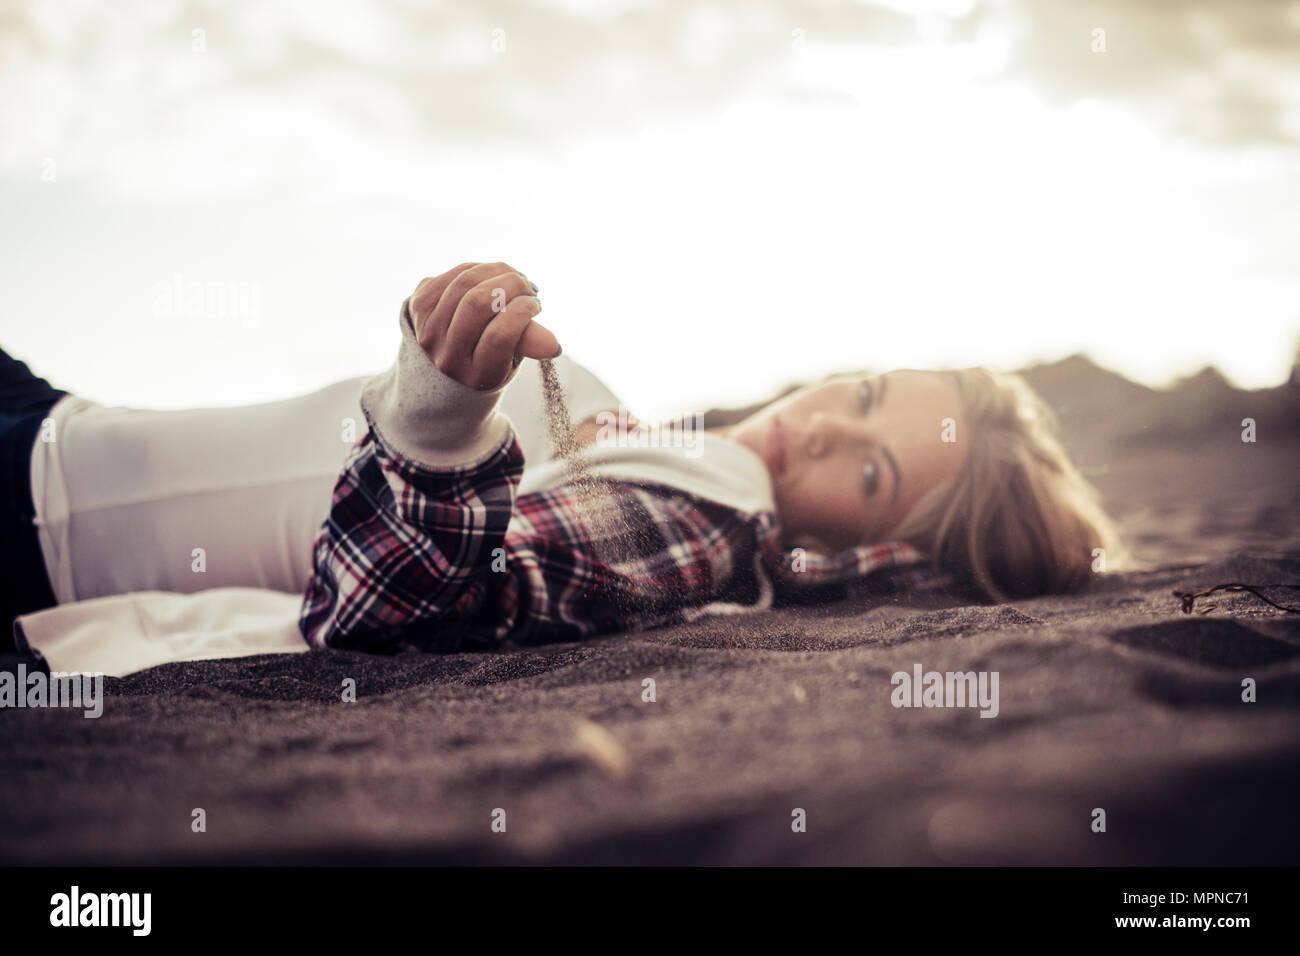 Nette junge Frau am Strand mit Sand fallen von ihrer Hand. Freiheit und Fernweh Konzept im Urlaub Stockbild